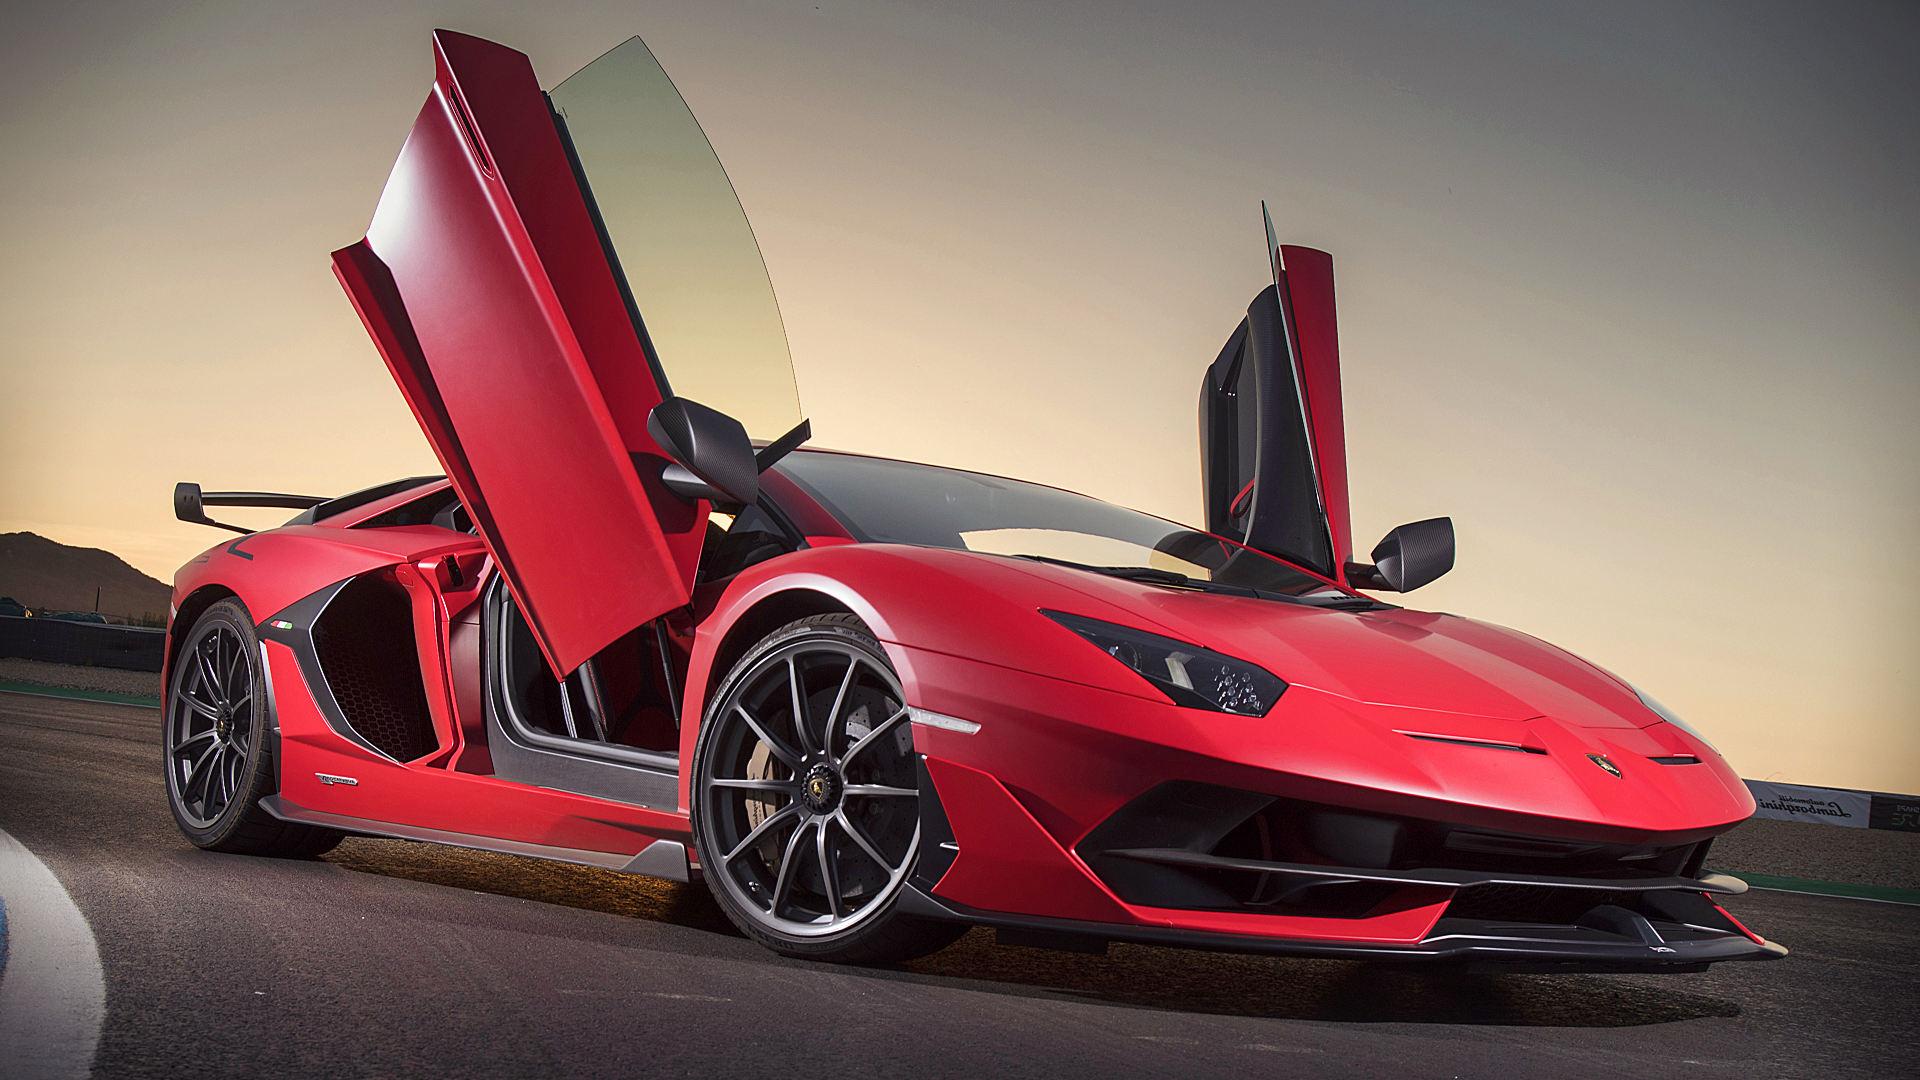 2019 Lamborghini Aventador Svj Red